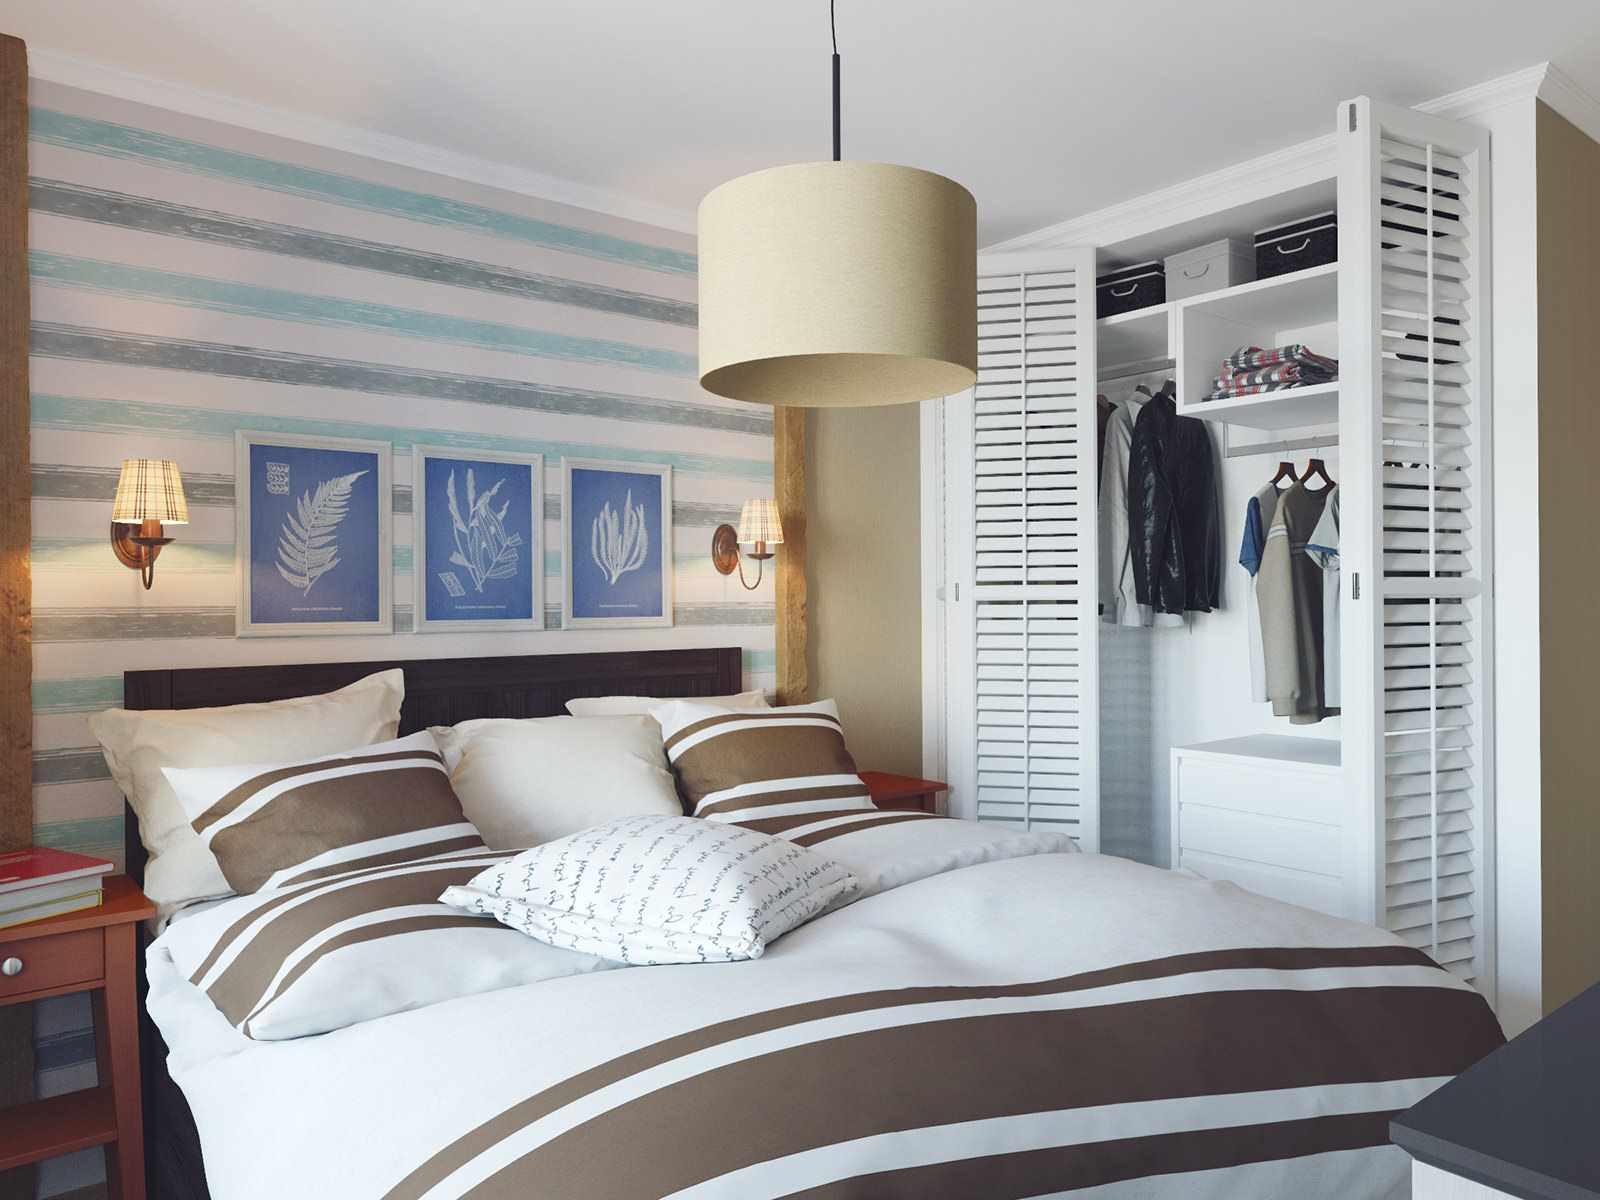 variante d'un bel intérieur de chambre